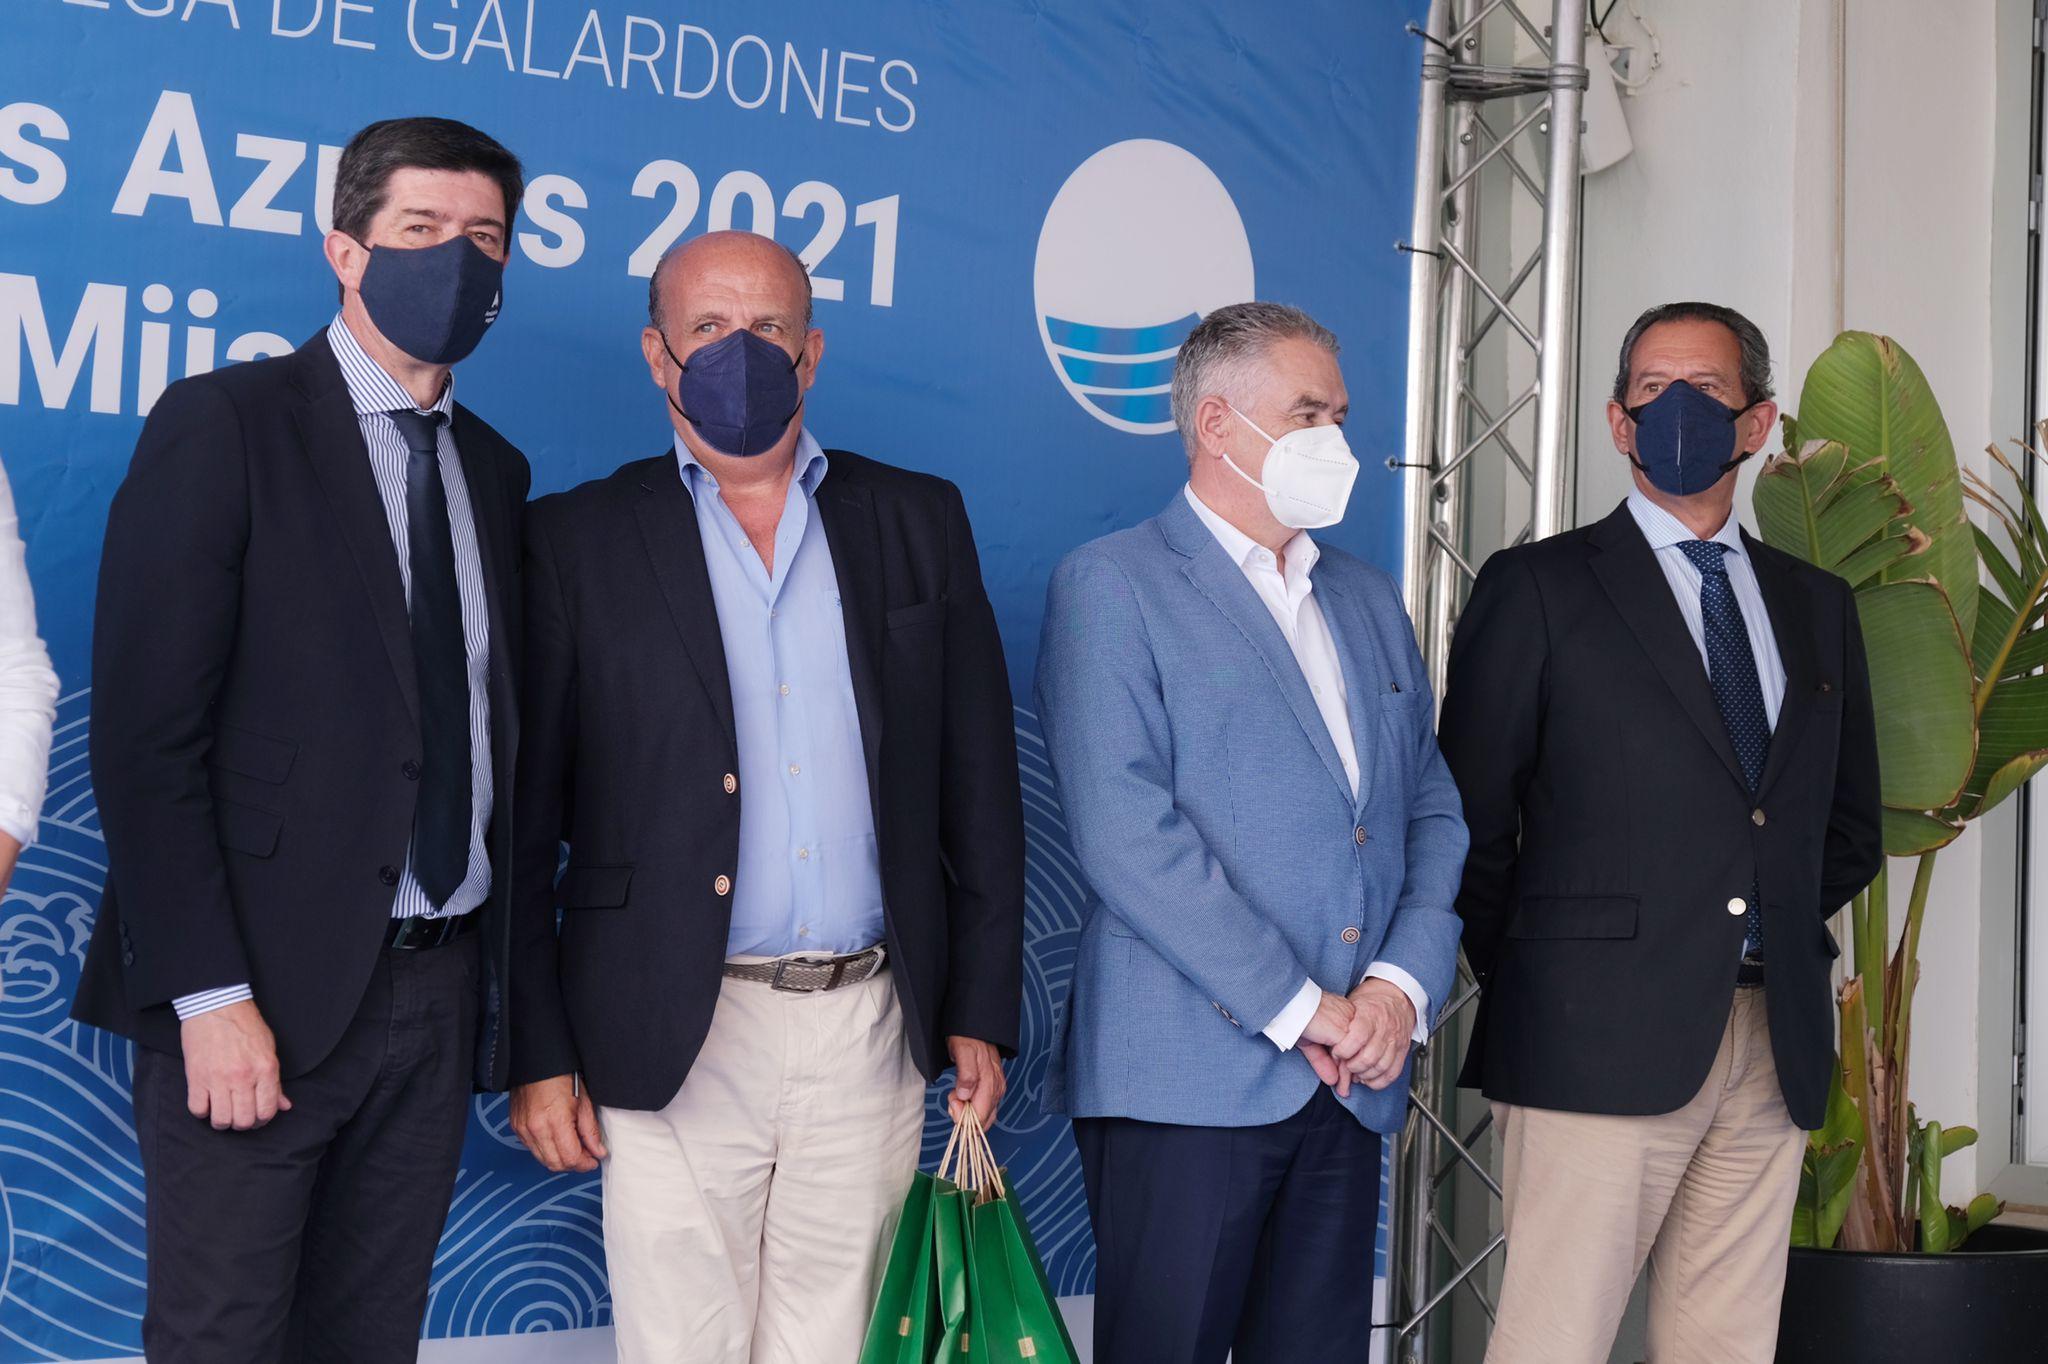 PUERTOS DE ANDALUCÍA RECOGE LAS DIEZ BANDERAS OTORGADAS A LOS PUERTOS DE GESTIÓN DIRECTA EN UN ACTO CELEBRADO EN MIJAS